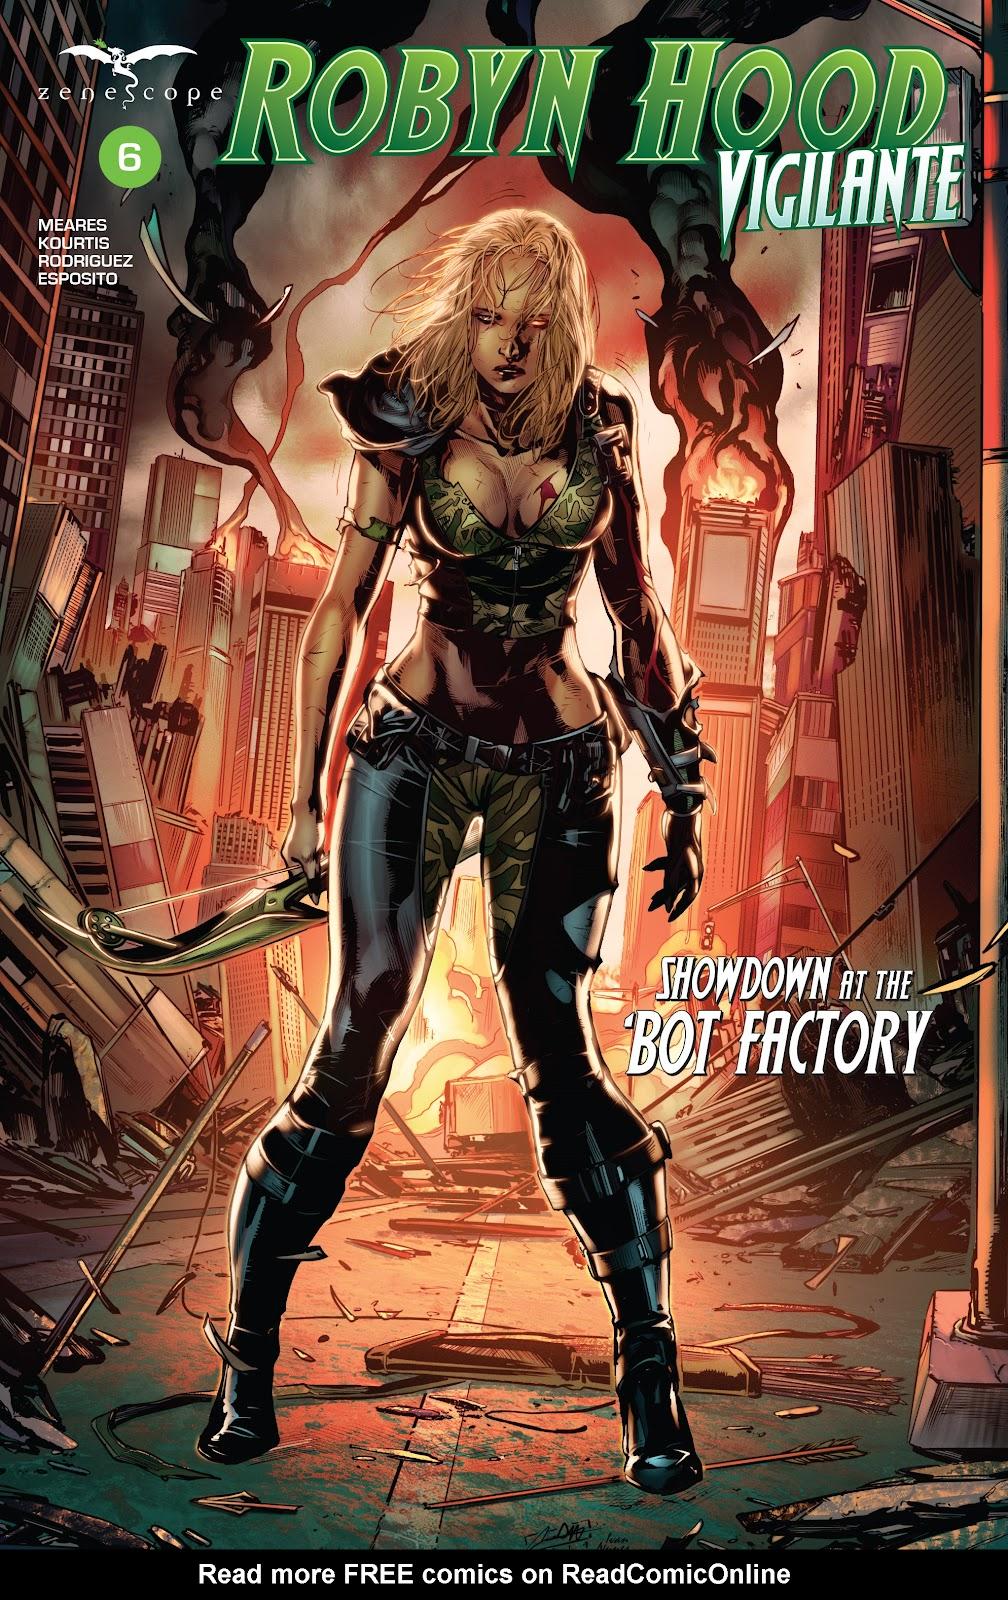 Robyn Hood: Vigilante issue 6 - Page 1